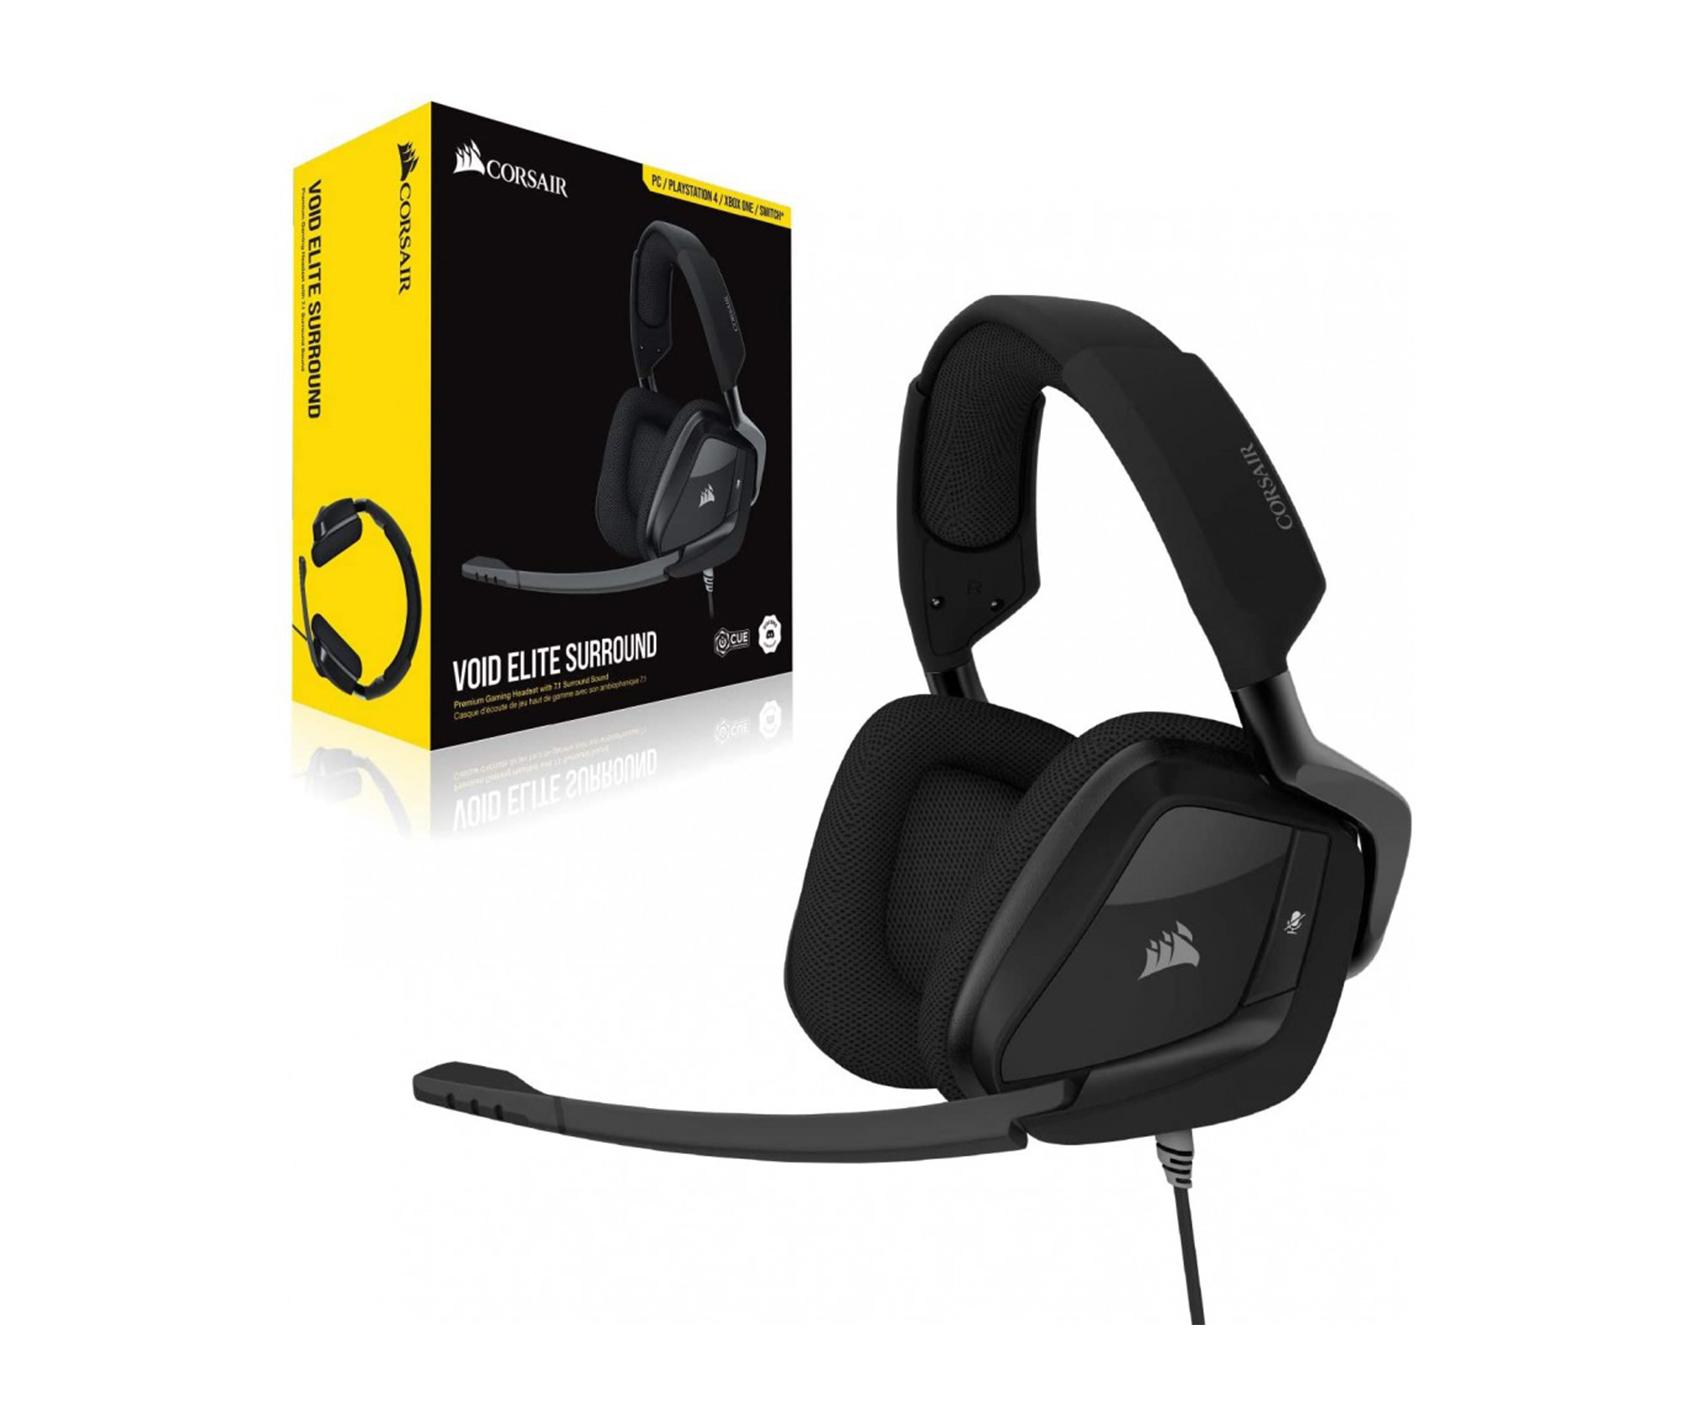 Corsair VOID ELITE SURROUND Premium Gaming Headset with 7.1 Surround Sound -Wired